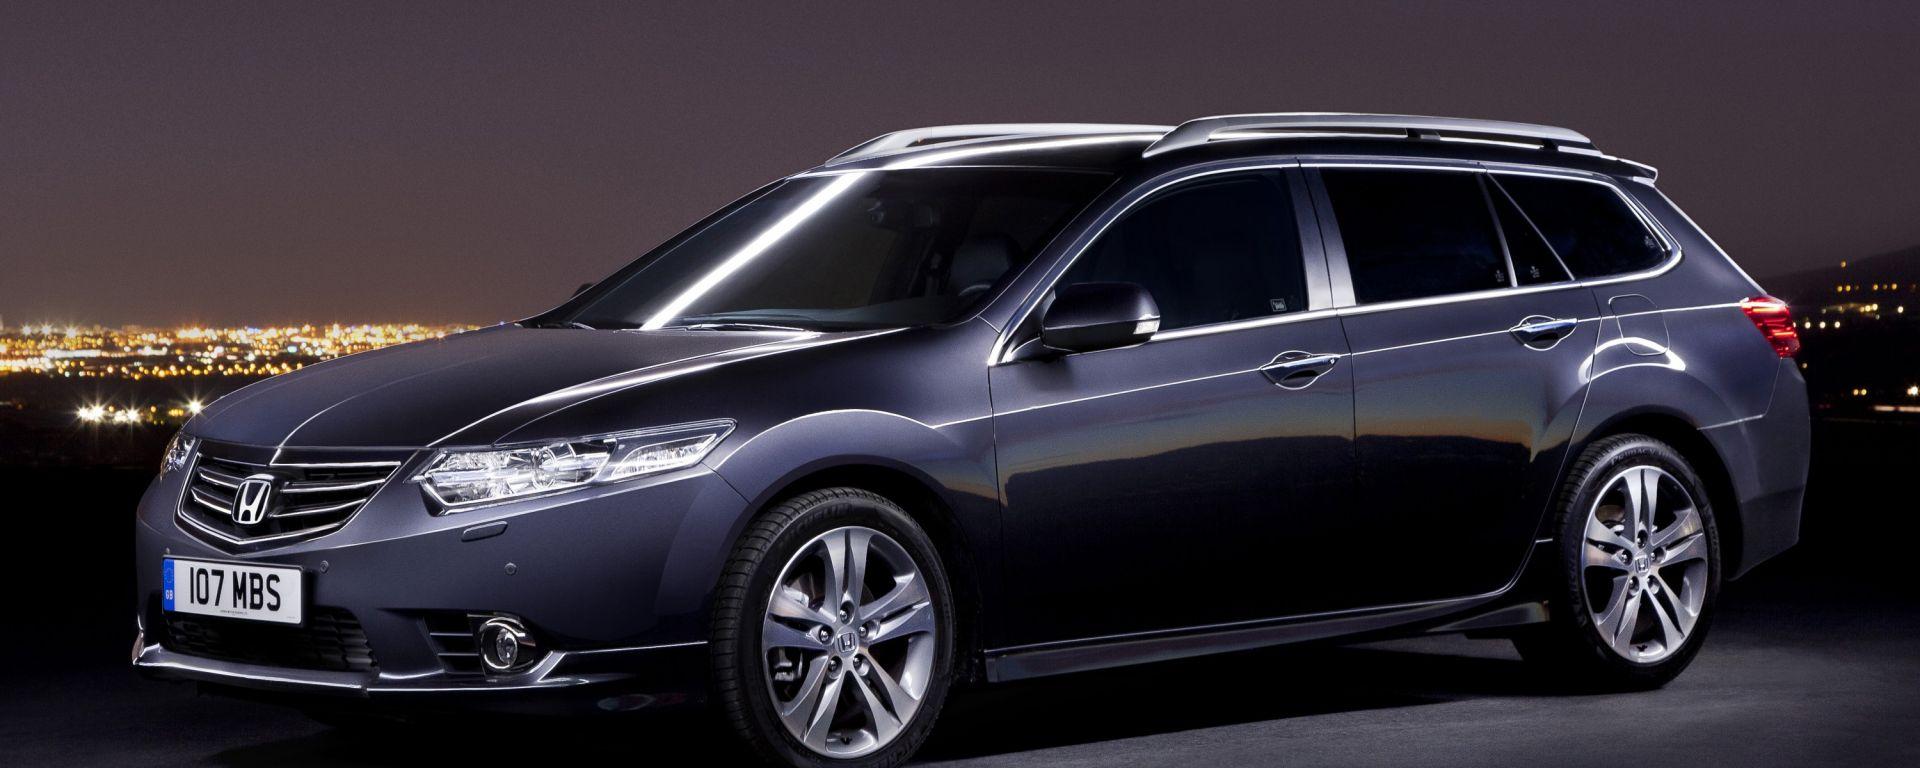 Nuova Honda Accord 2011